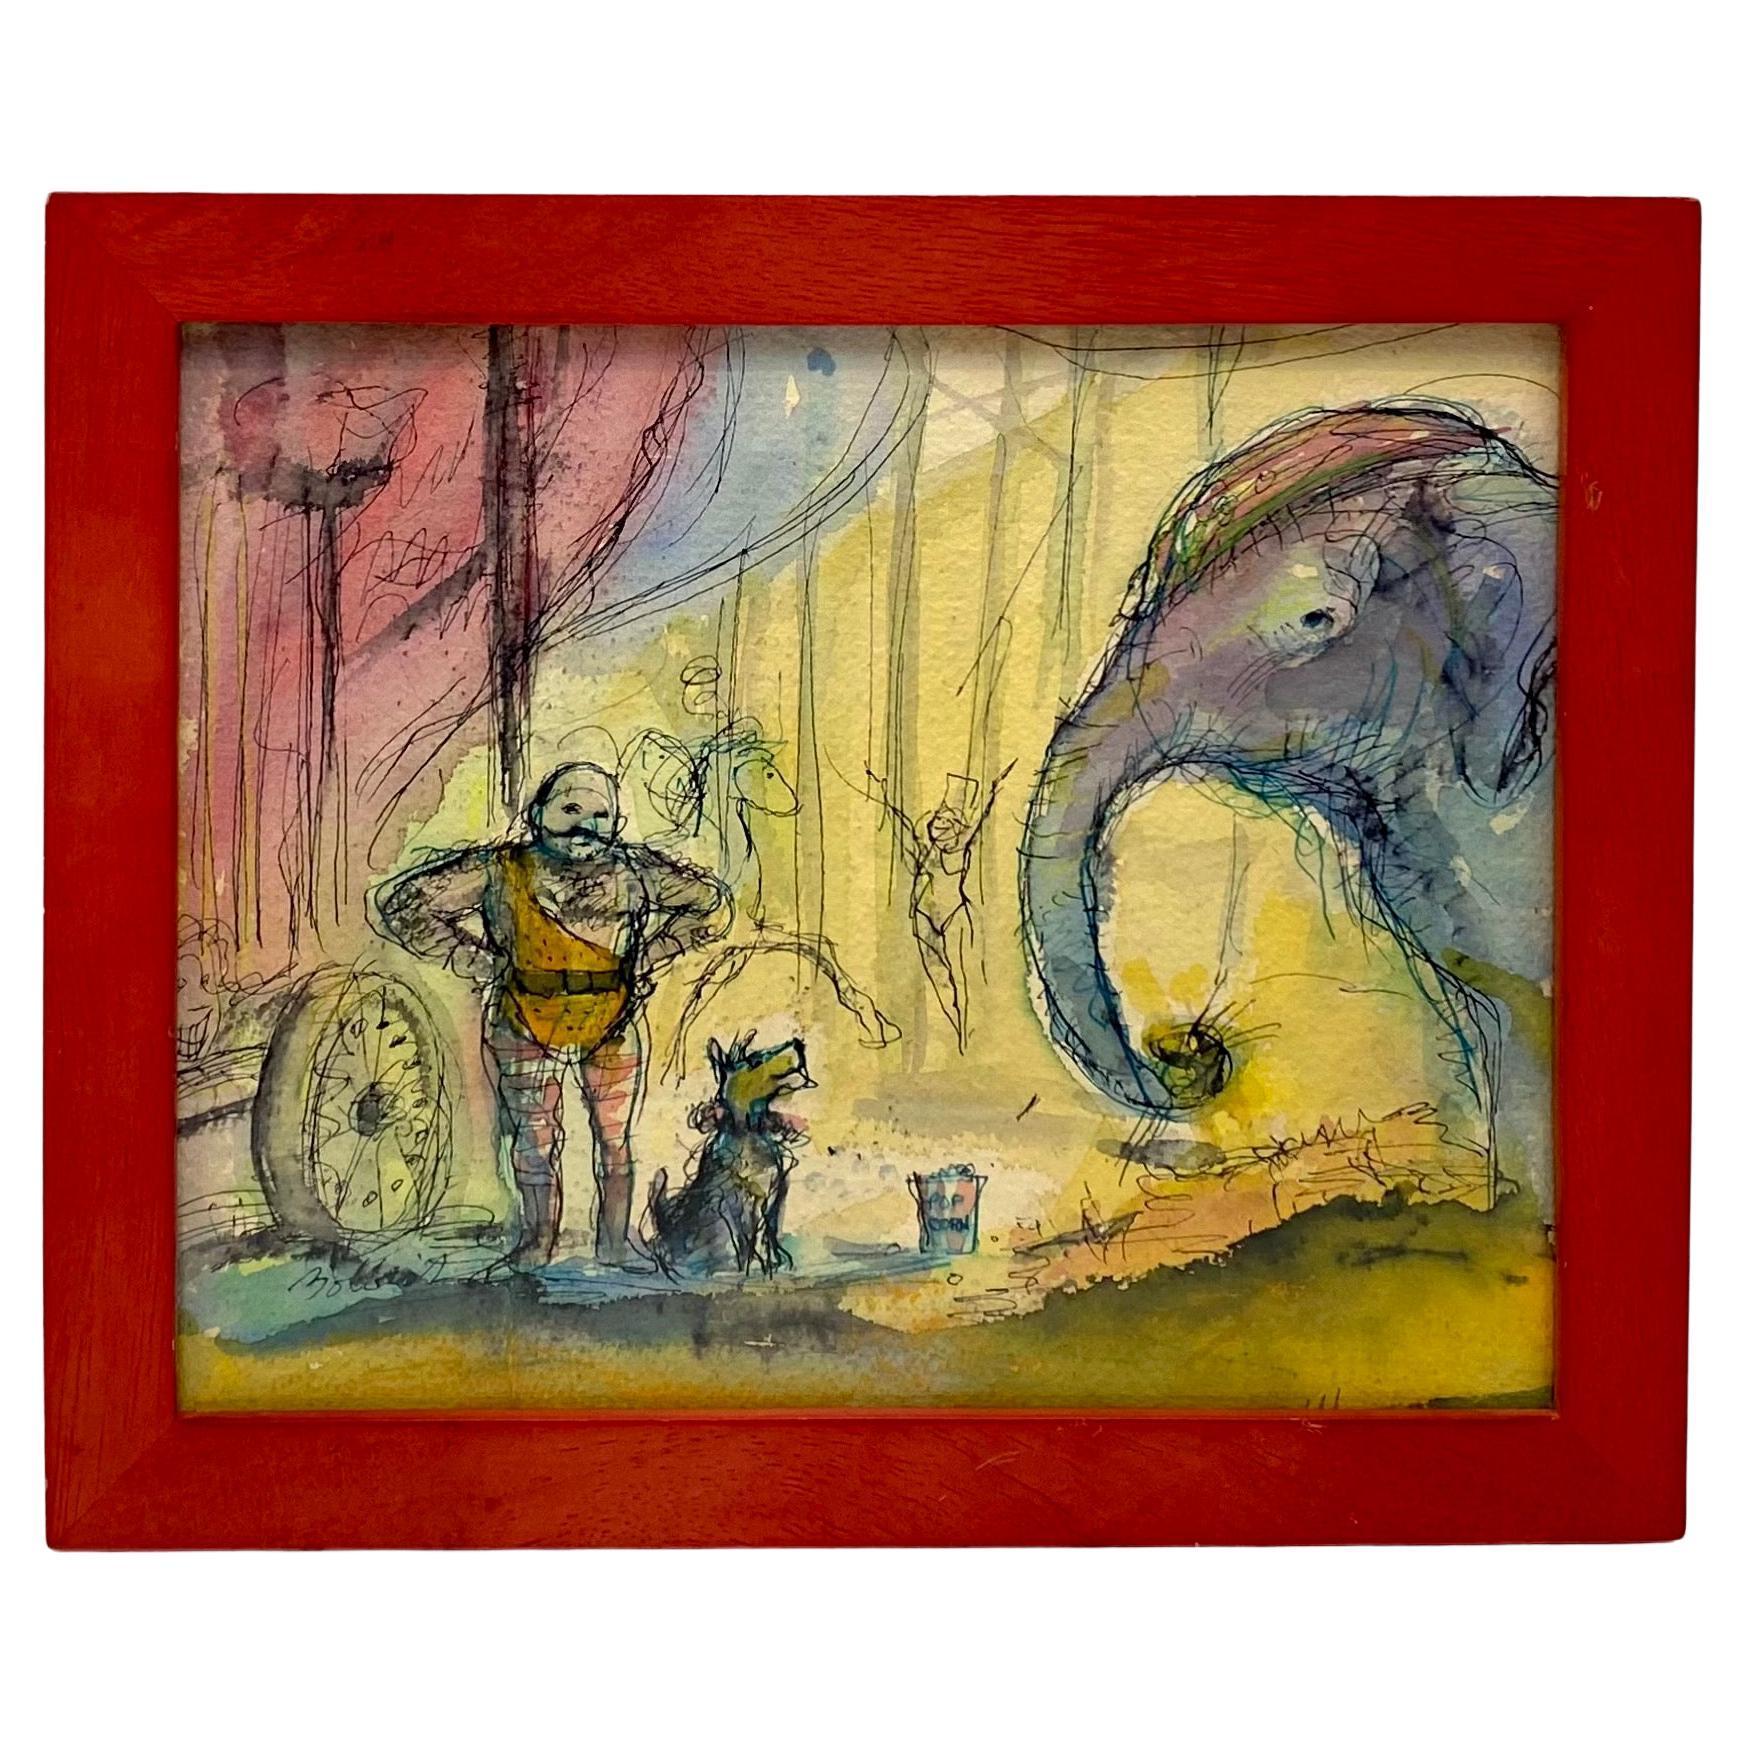 John Bobbish Circus Watercolor and Drawing